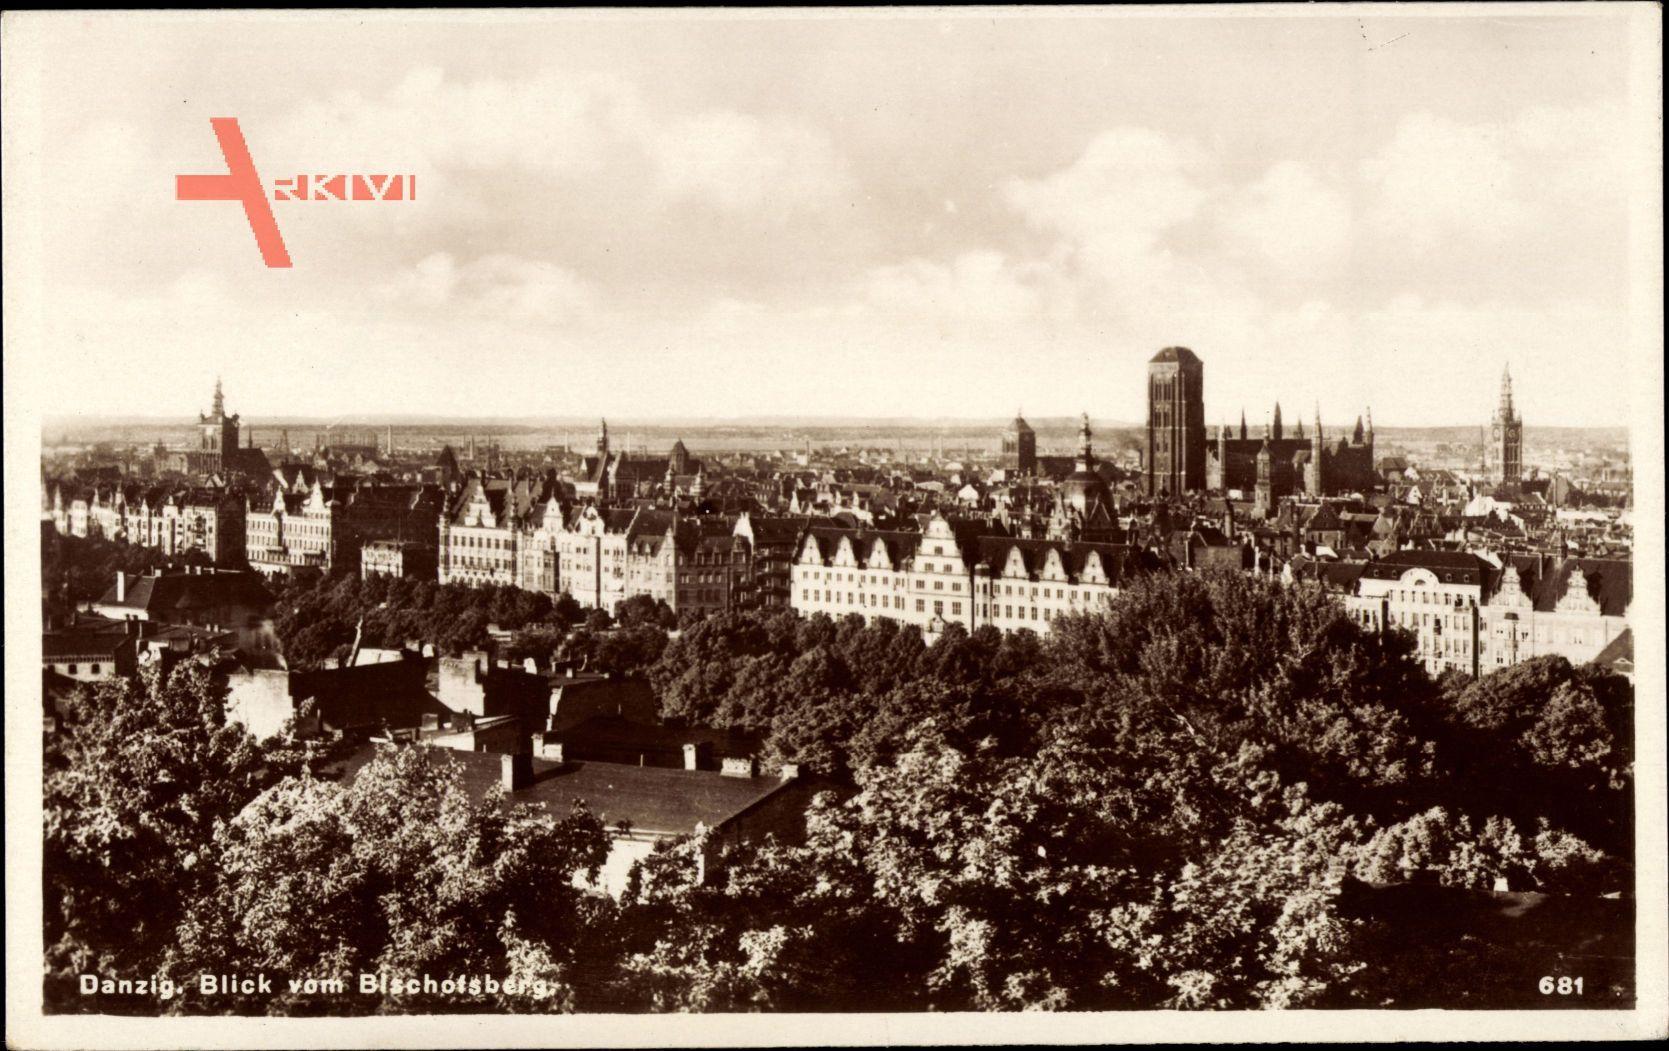 Gdańsk Danzig, Blick vom Bischofsberg auf den Ort, Kirche, Häuser